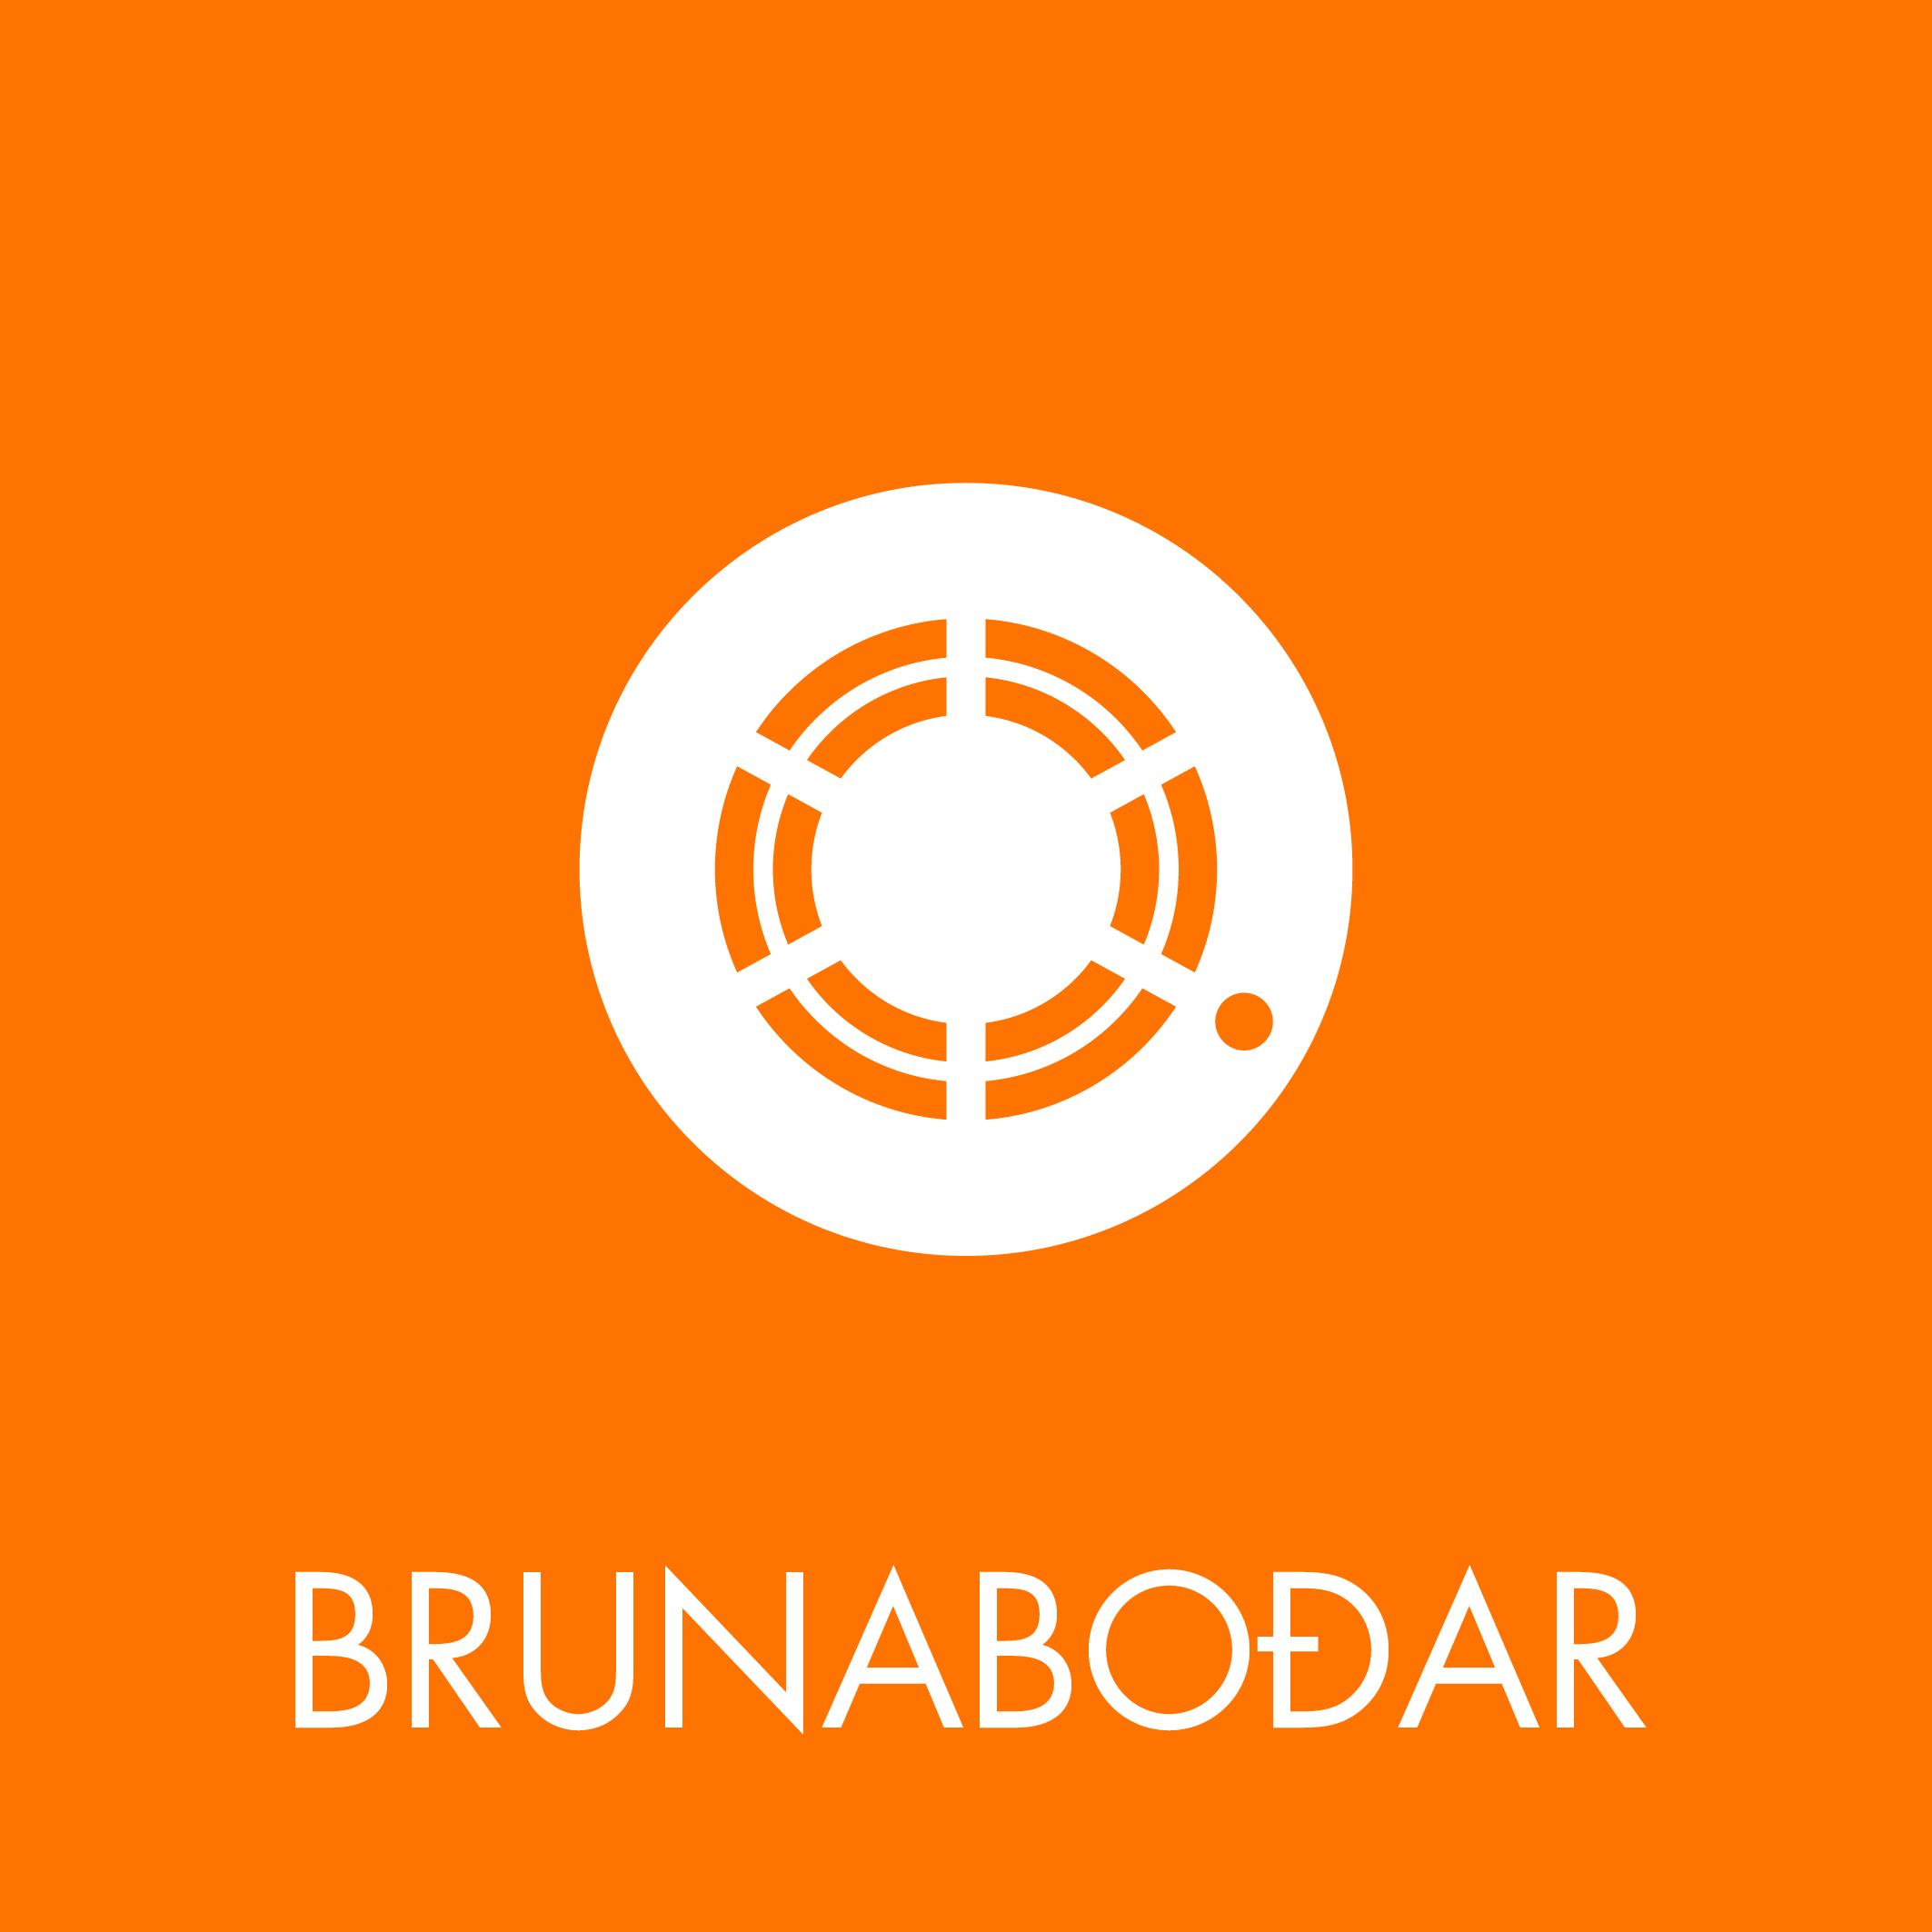 Brunaboðar